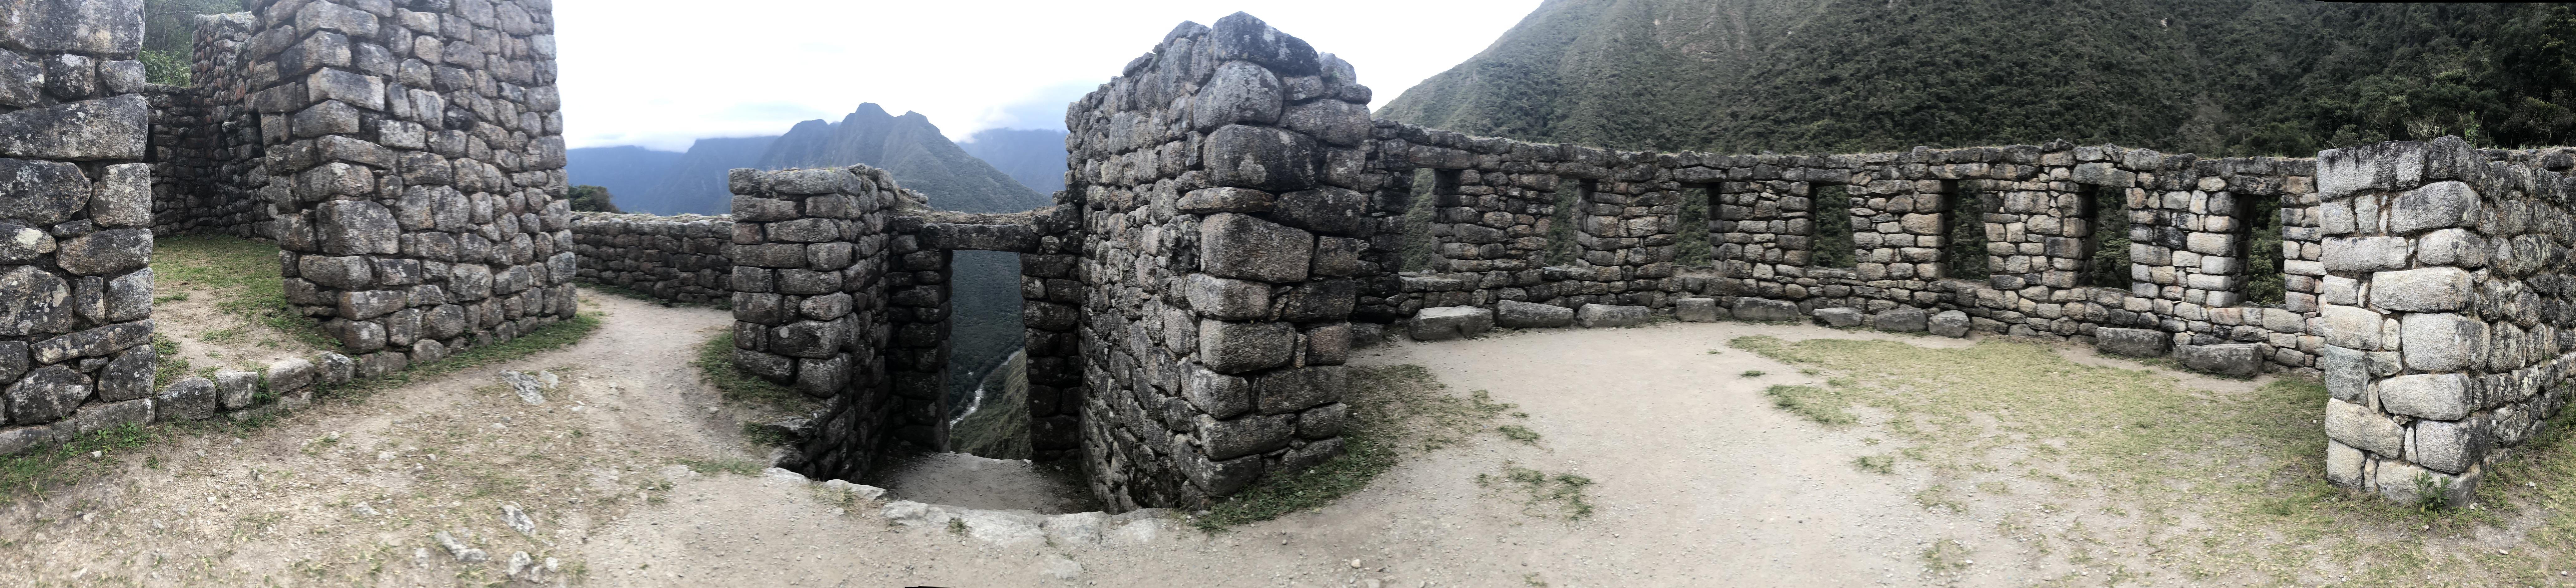 Reconstructed Inca stone walls